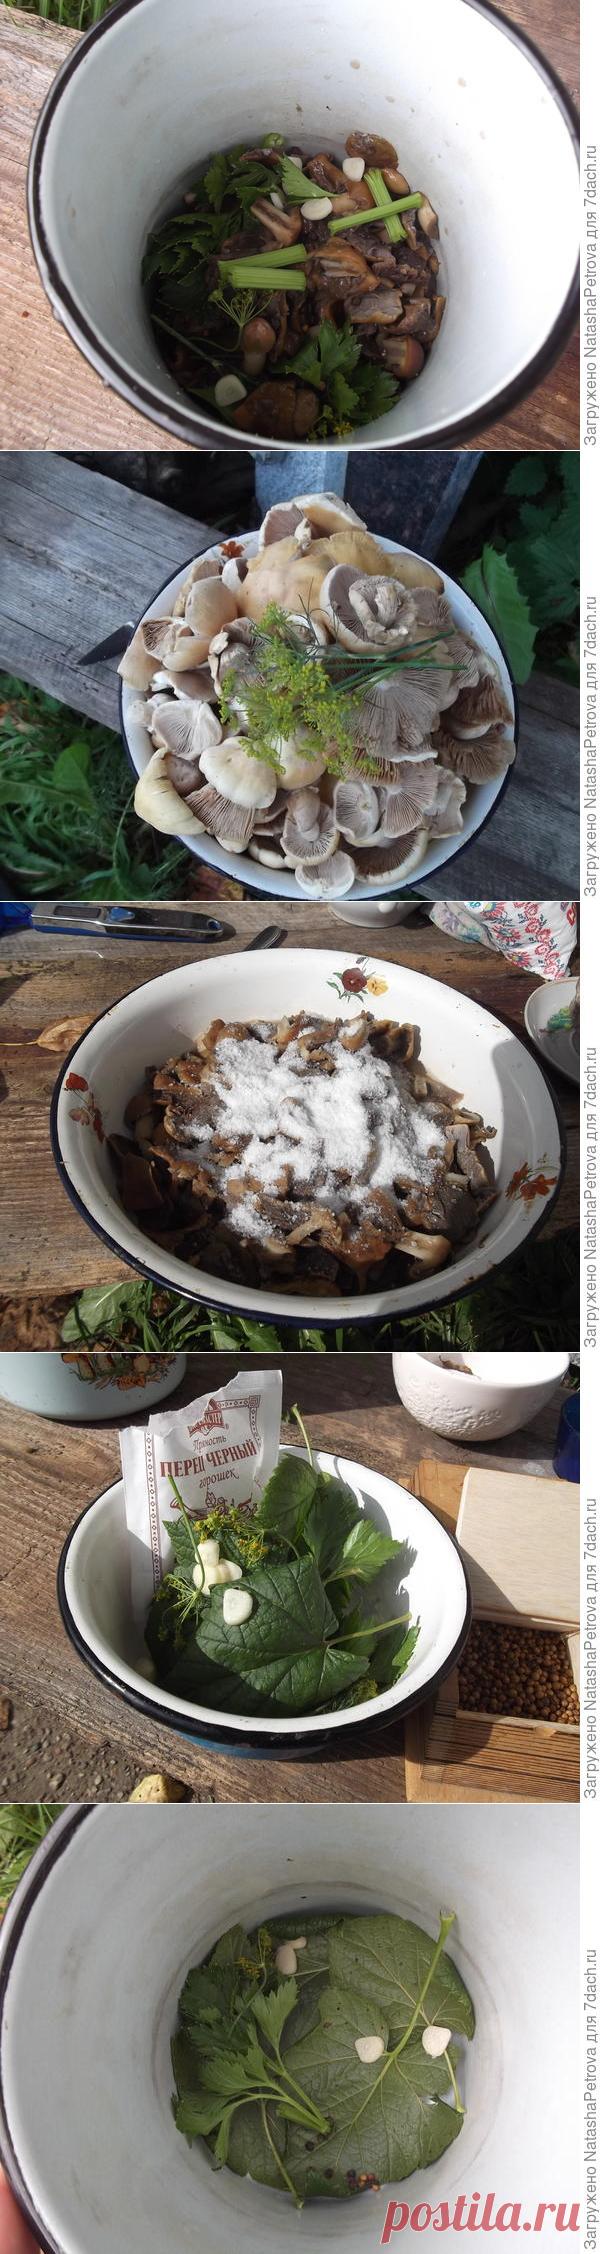 Квашеные грибы. Польза квашения. Рецепт с фото